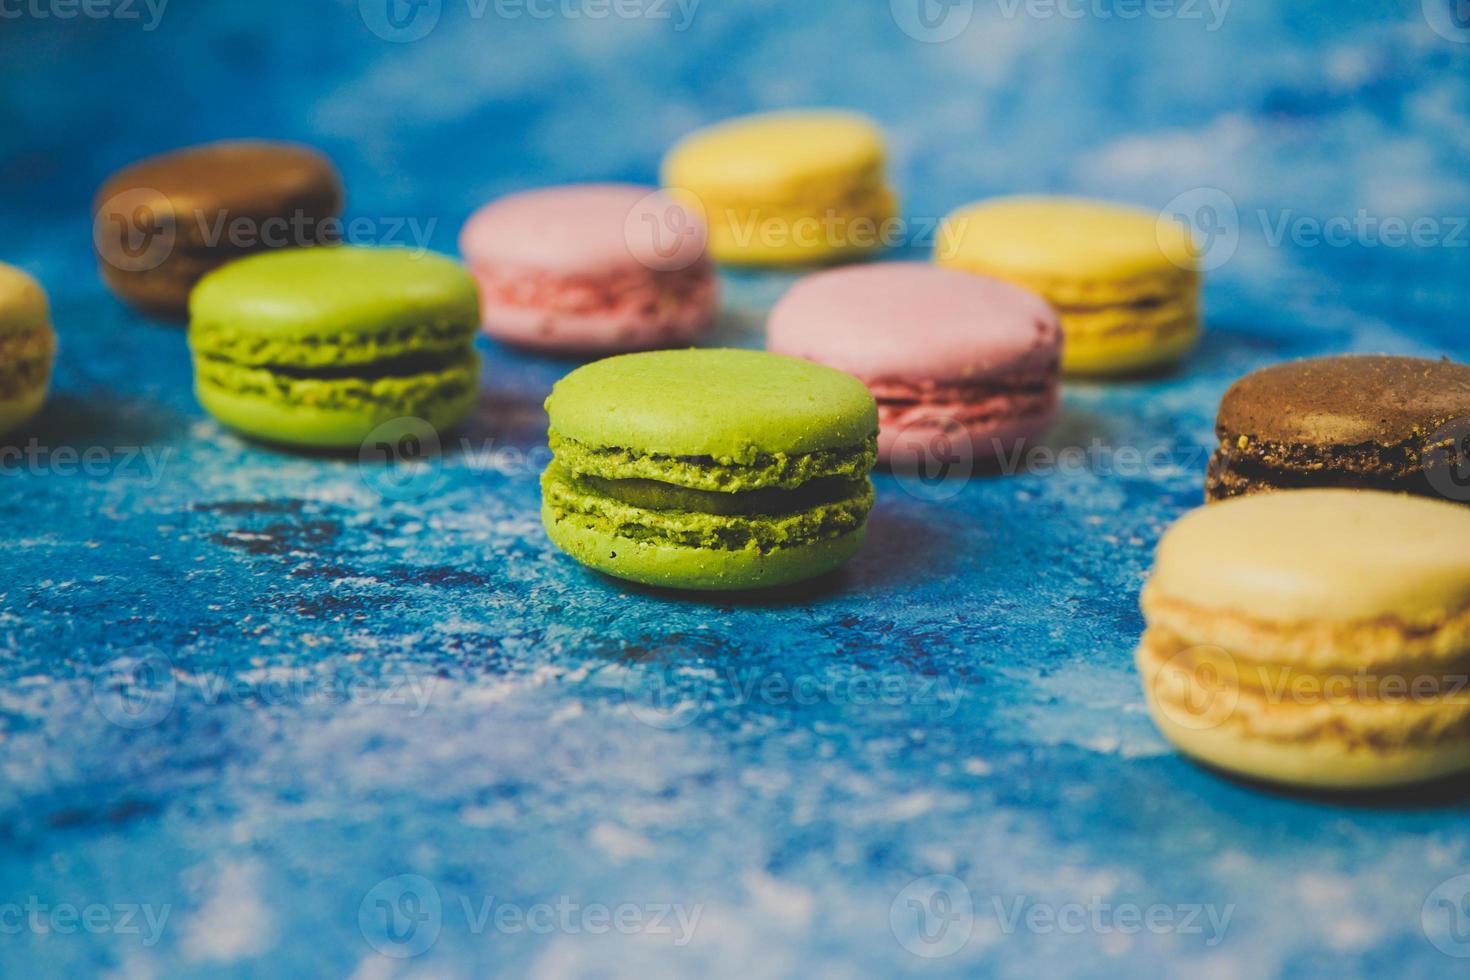 Variedad de macarons de colores sobre un fondo azul. foto